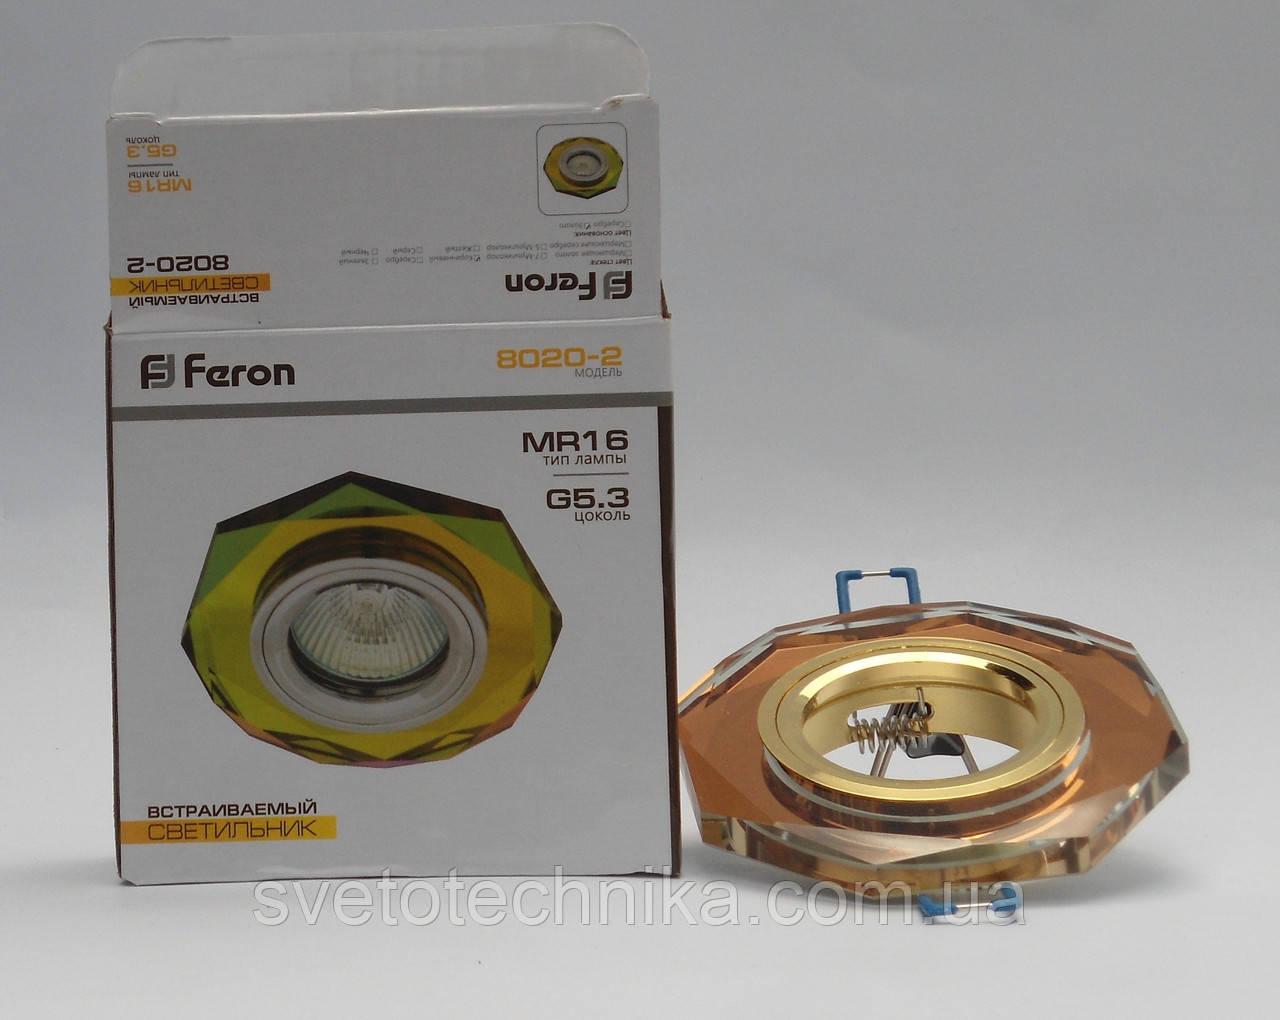 Встраиваемый  светильник Feron 8020 (цвет корпуса коричневый-золото)